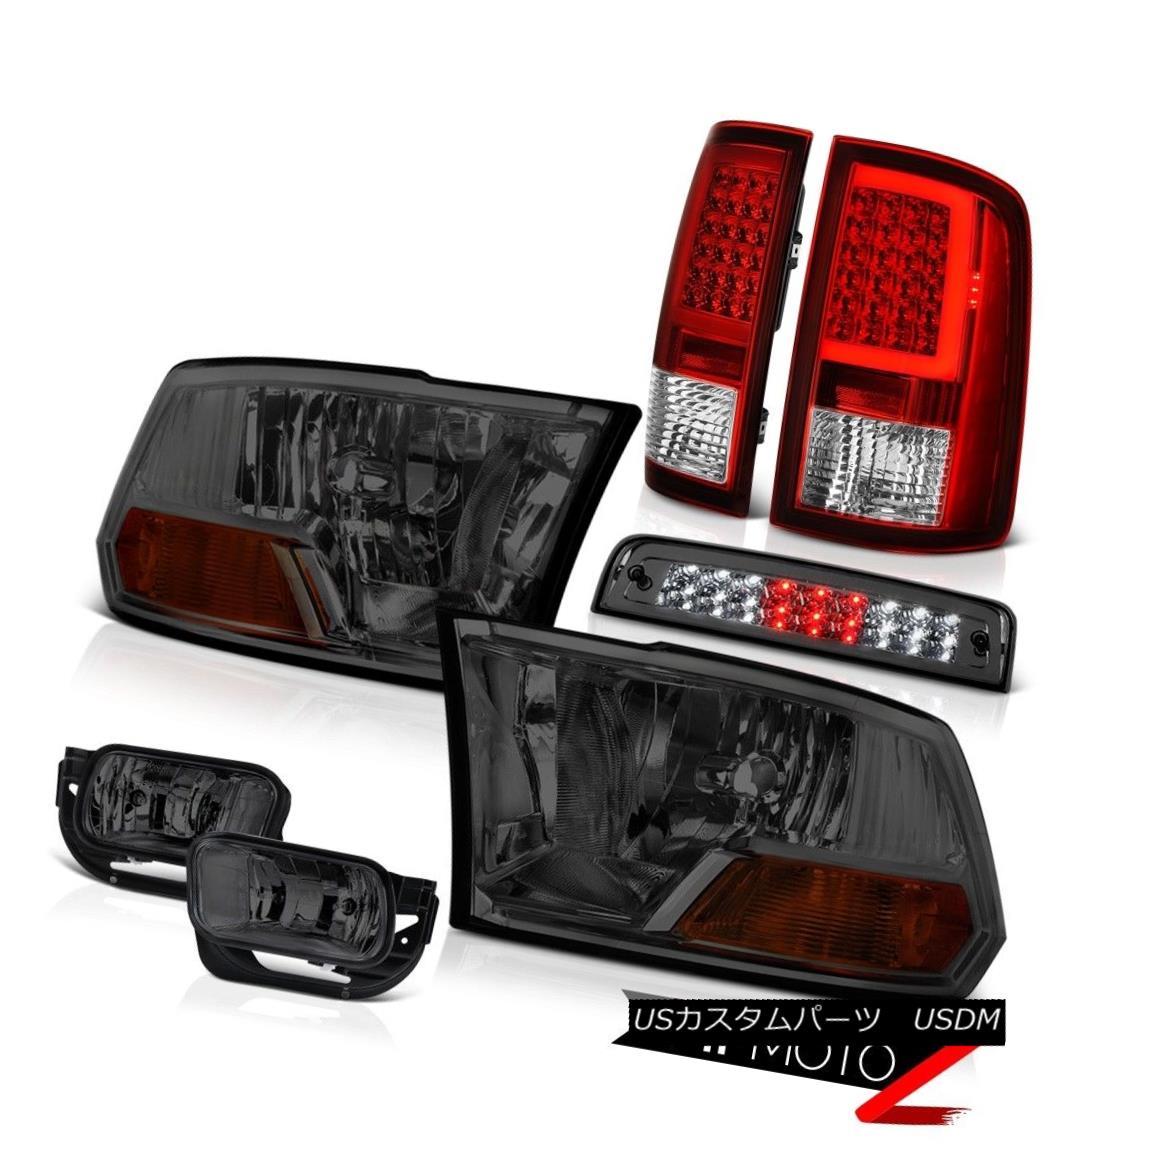 テールライト 09-18 Dodge RAM 2500 3500 Tail Lights Fog Light Brake Factory Style Headlight 09-18 Dodge RAM 2500 3500テールライトフォグライトブレーキ工場スタイルヘッドライト